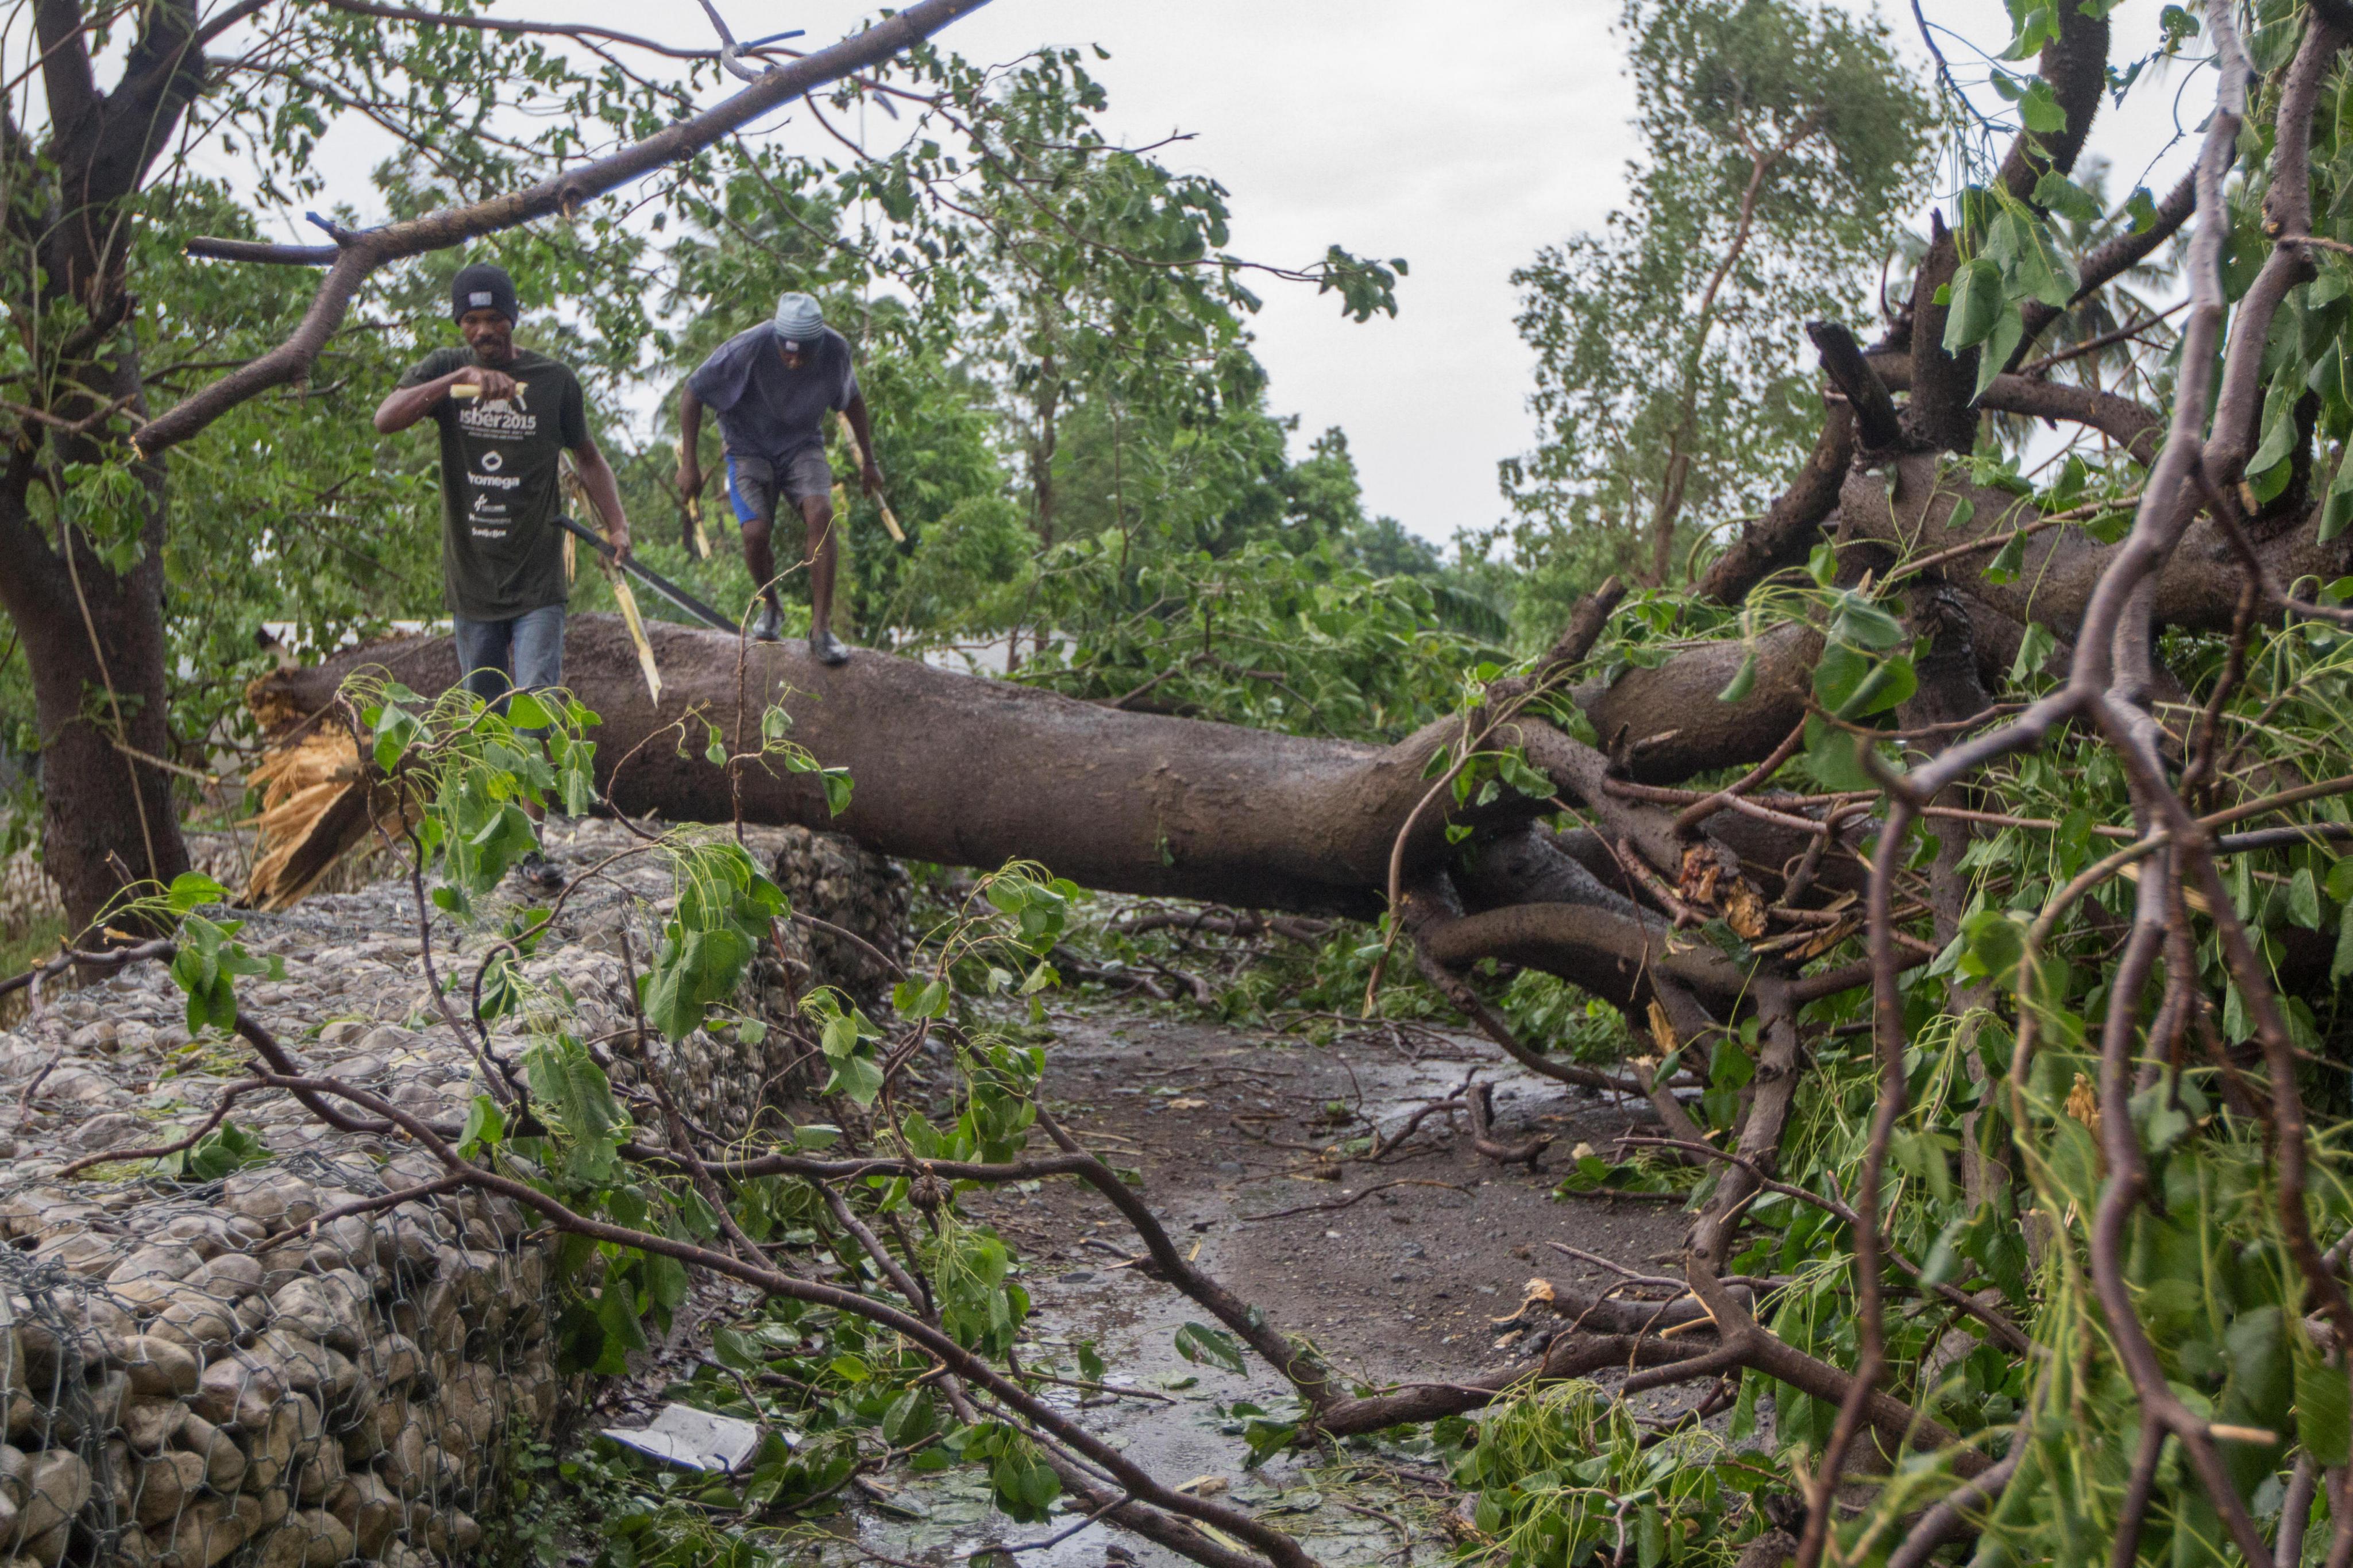 HAI01 - FREDRIK (HAITÍ), 10/05/2016- Dos hombres pasan sobre un árbol caído hoy, miércoles 5 de octubre de 2016, un día después del paso del huracán Matthew en la población de Fredrik (Haití). El huracán Matthew tocó tierra ayer en Haití dejando a su paso al menos nueve muertos, miles de desplazados y comunidades incomunicadas, principalmente en el suroeste de la nación caribeña. EFE/ Bahare Khodabande